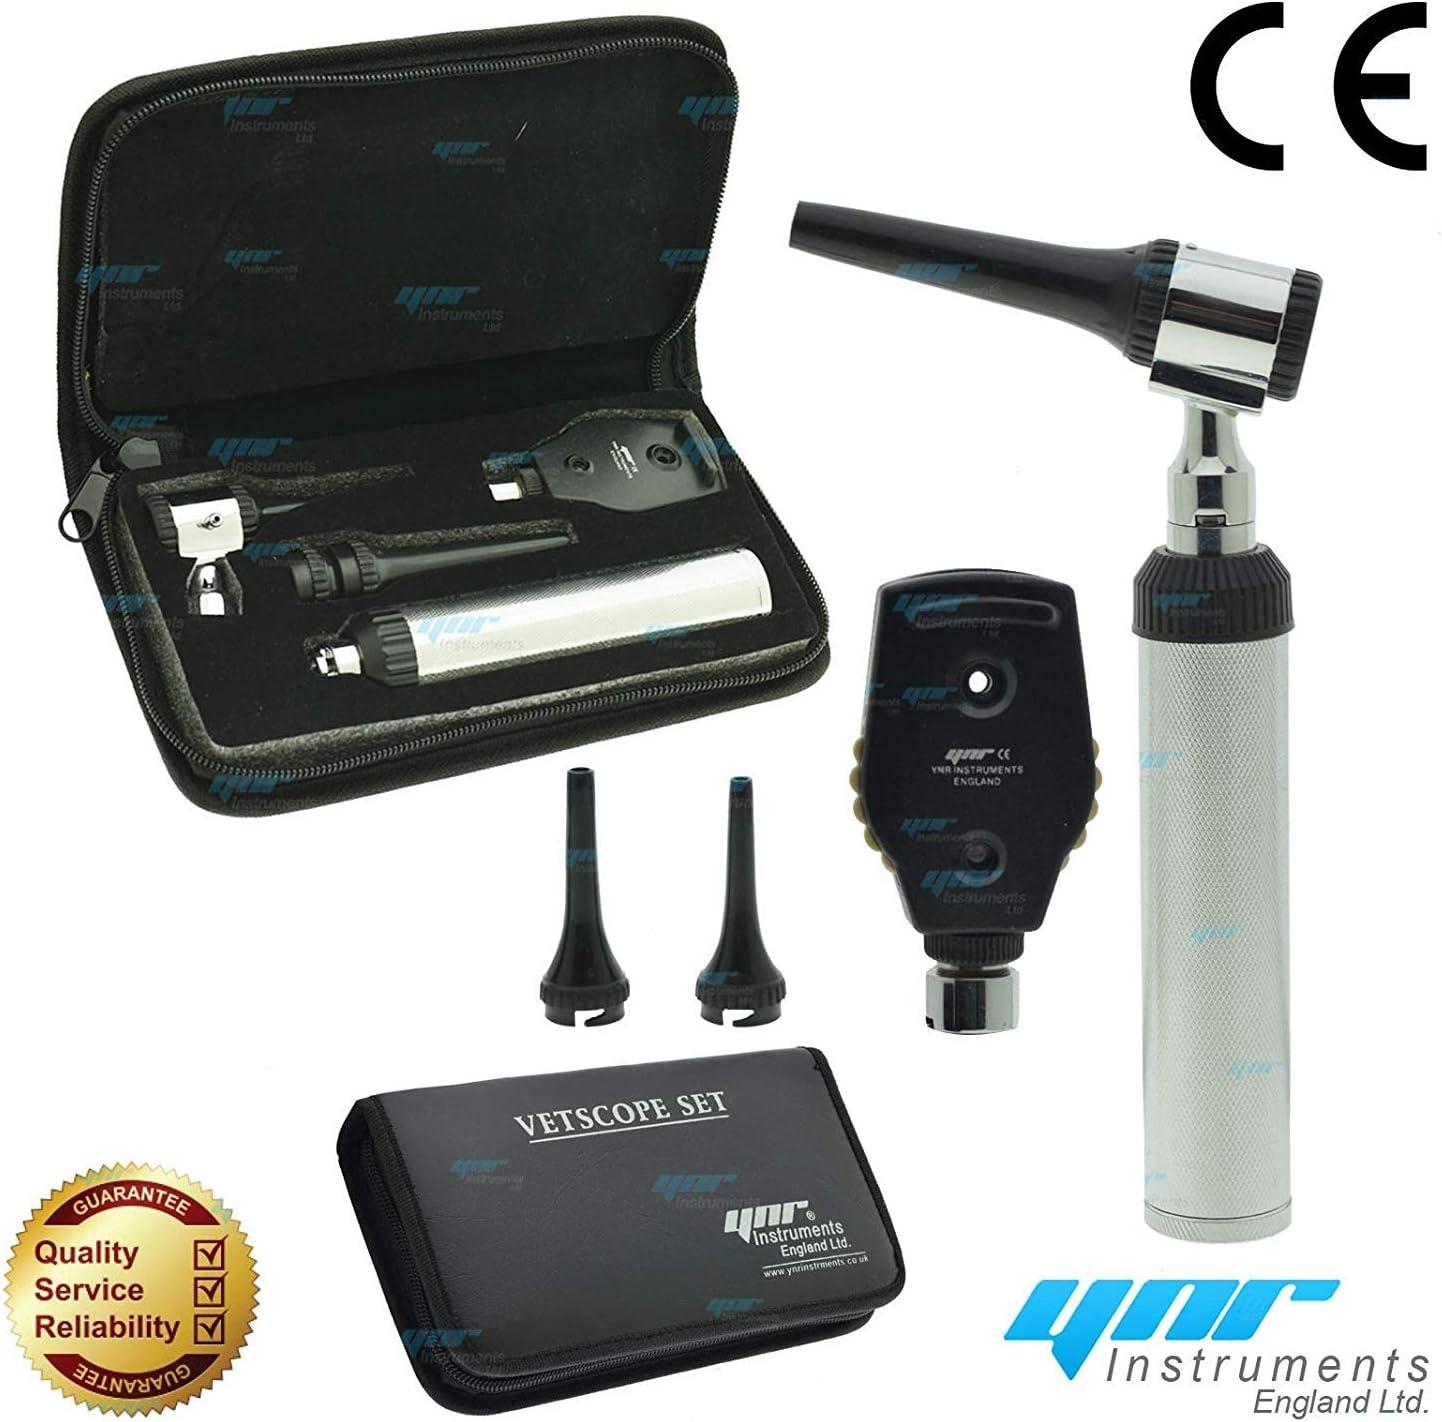 Ynr England Vetscope LED Veterinario Otoscopio Oftalmoscopio Ent Set Veterinario Diagnóstico Veterinarios Profesional Calidad Superior Ce